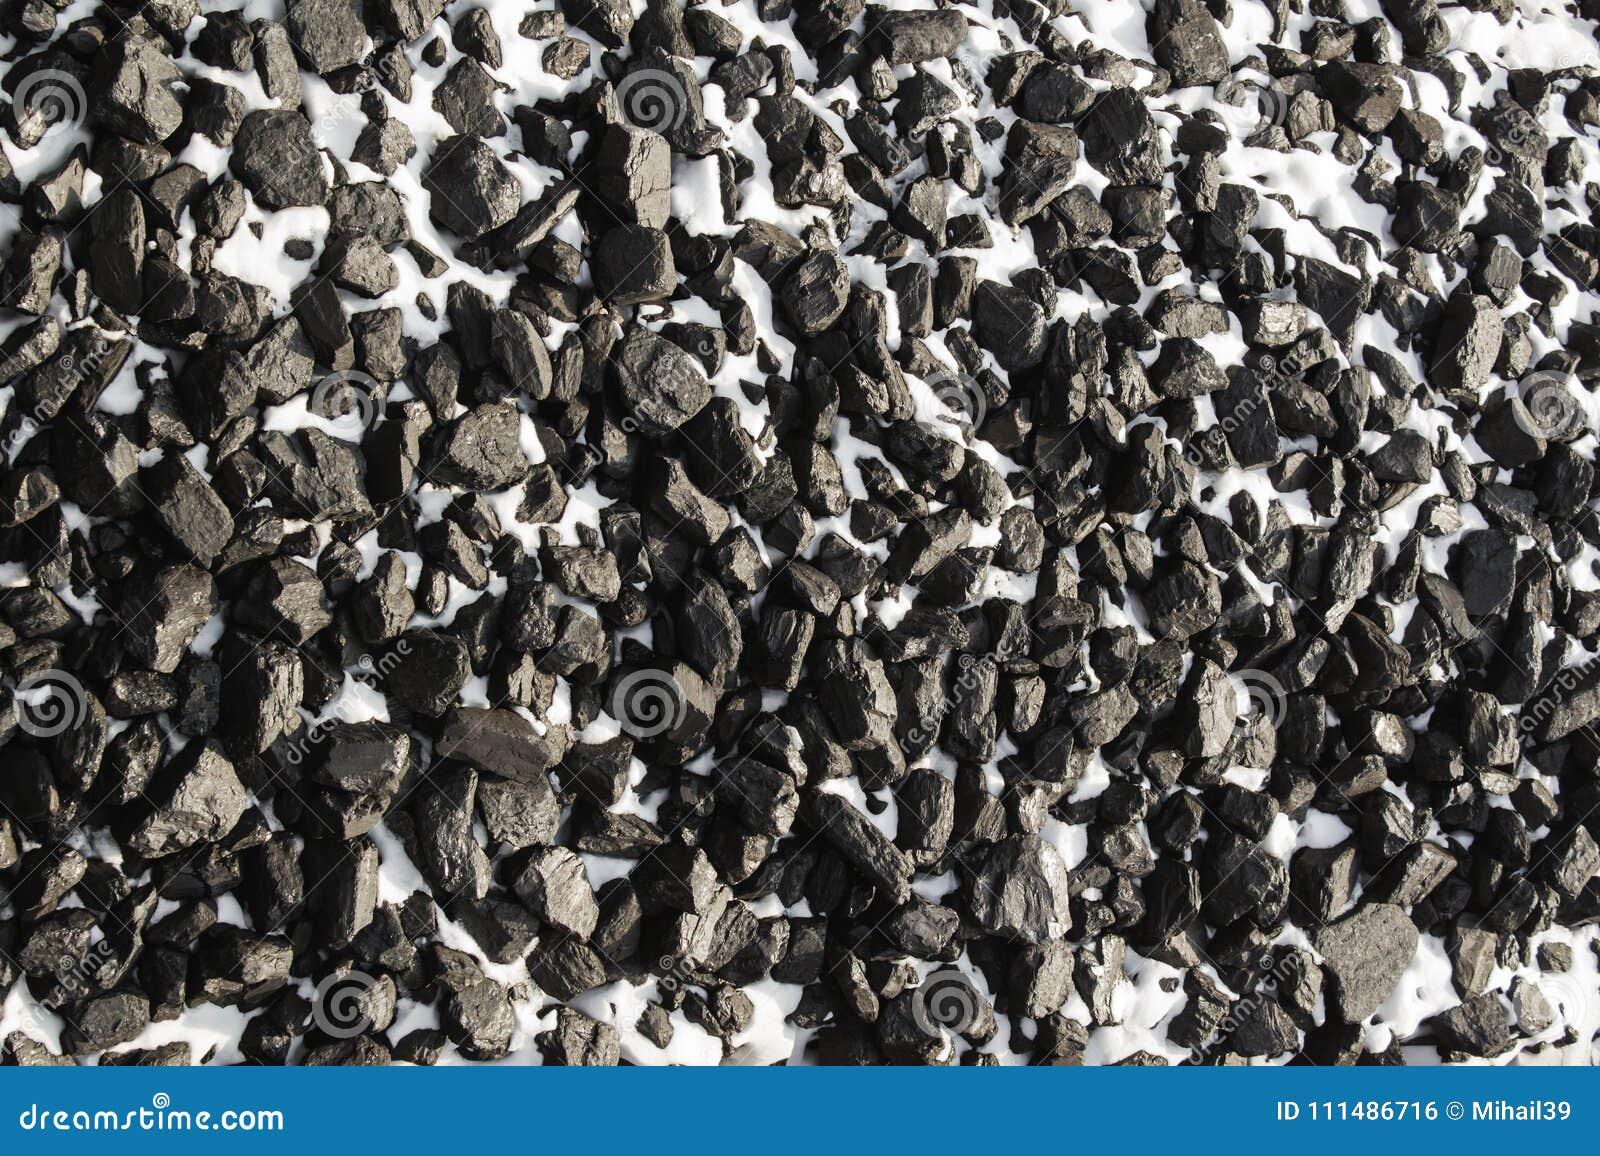 Ideia superior do preto mineral do depósito da mina de carvão para o fundo Usado como o combustível para o carvão industrial